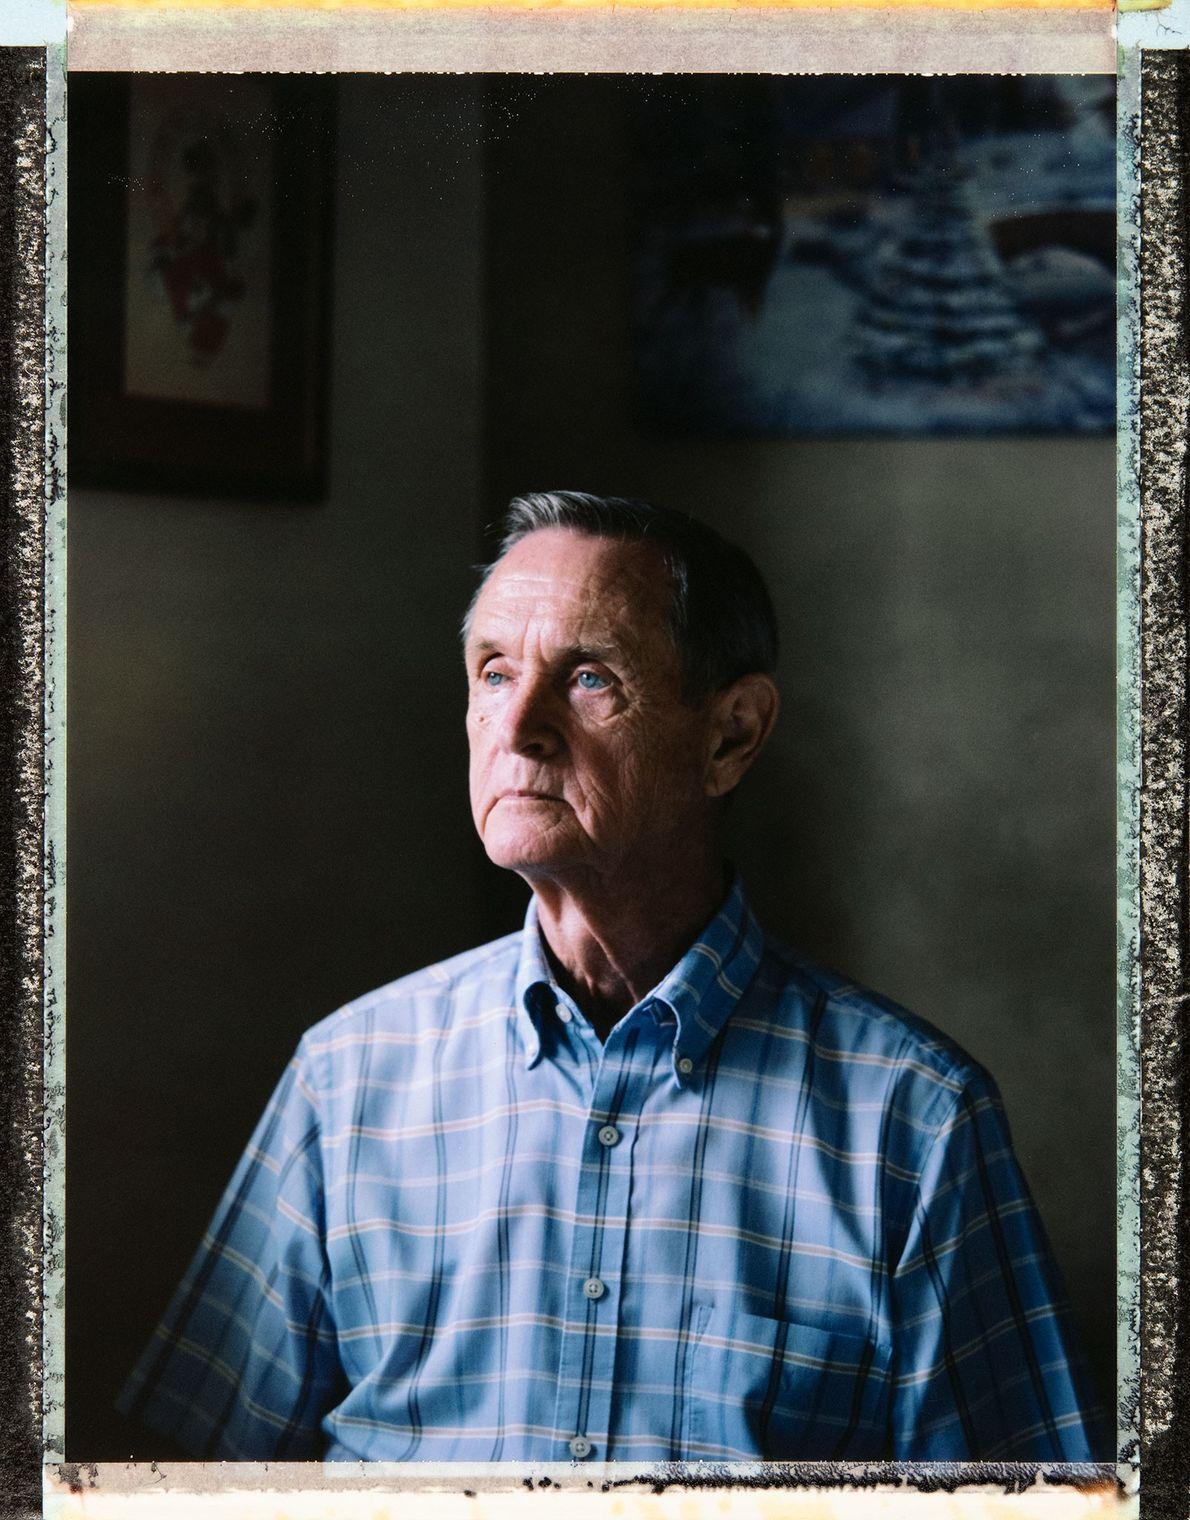 Robert Frew Jr., 77